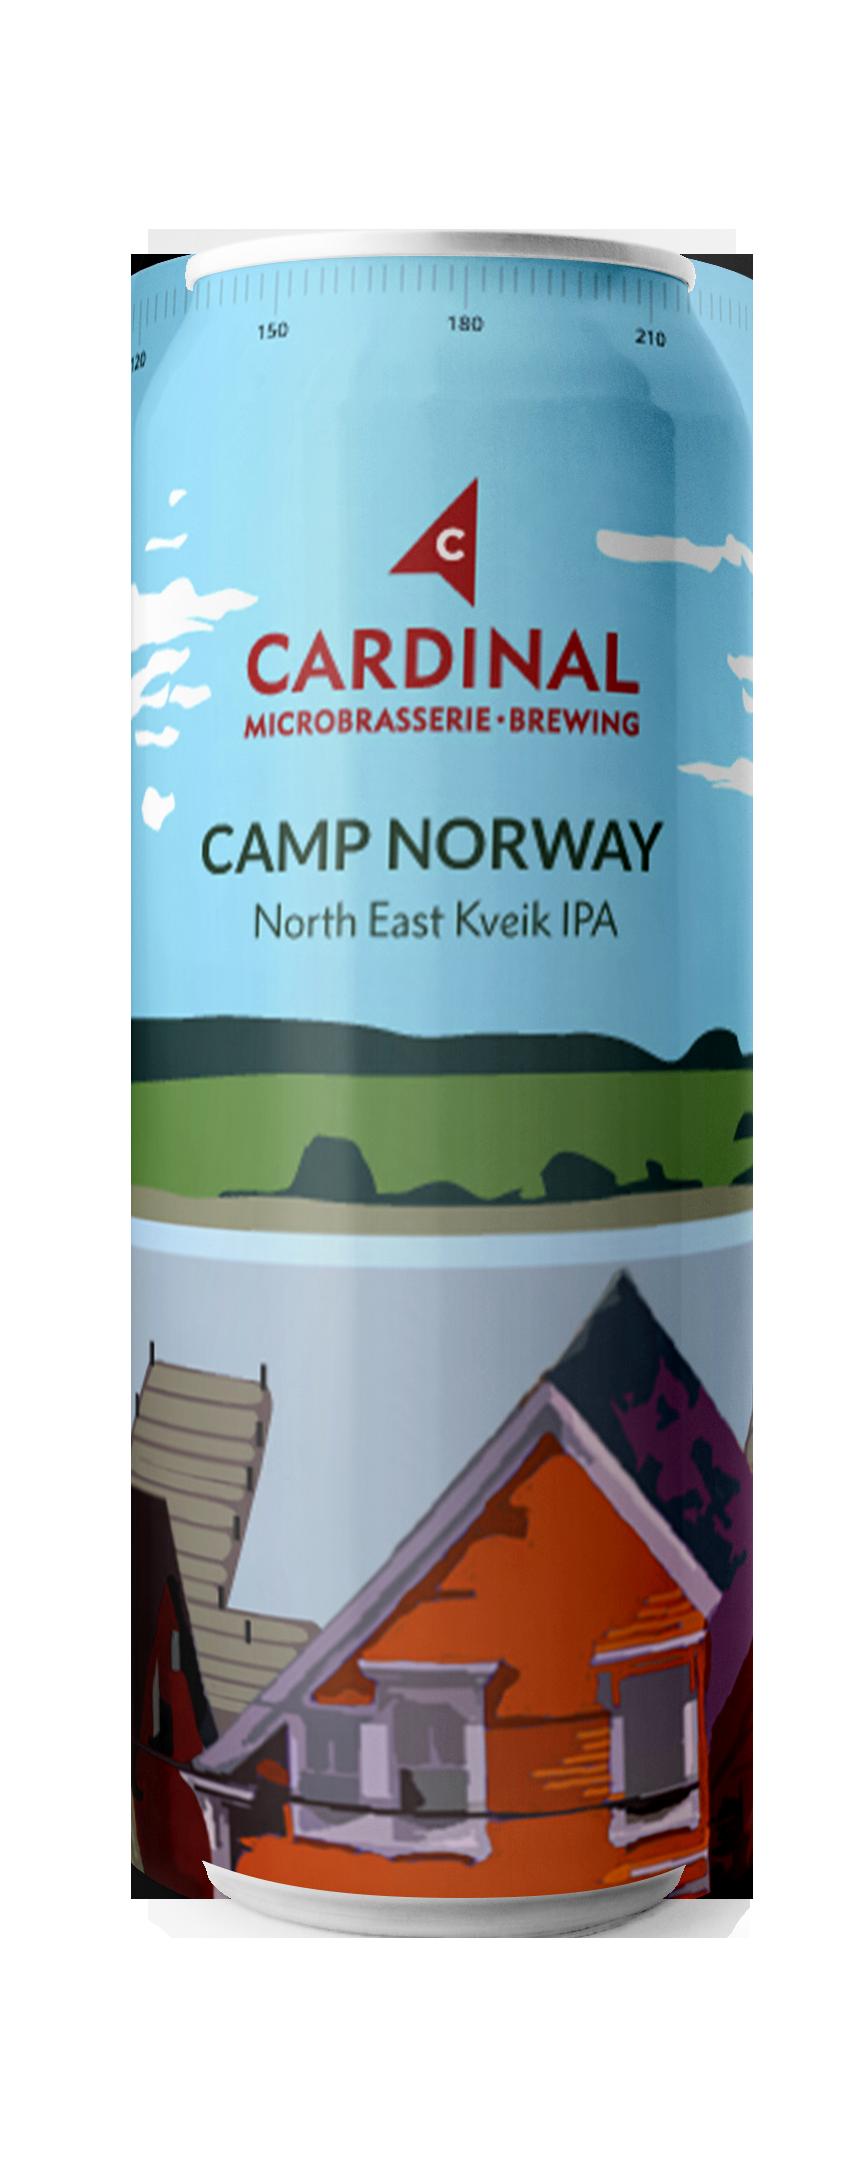 Camp Norway North East Kveik IPA